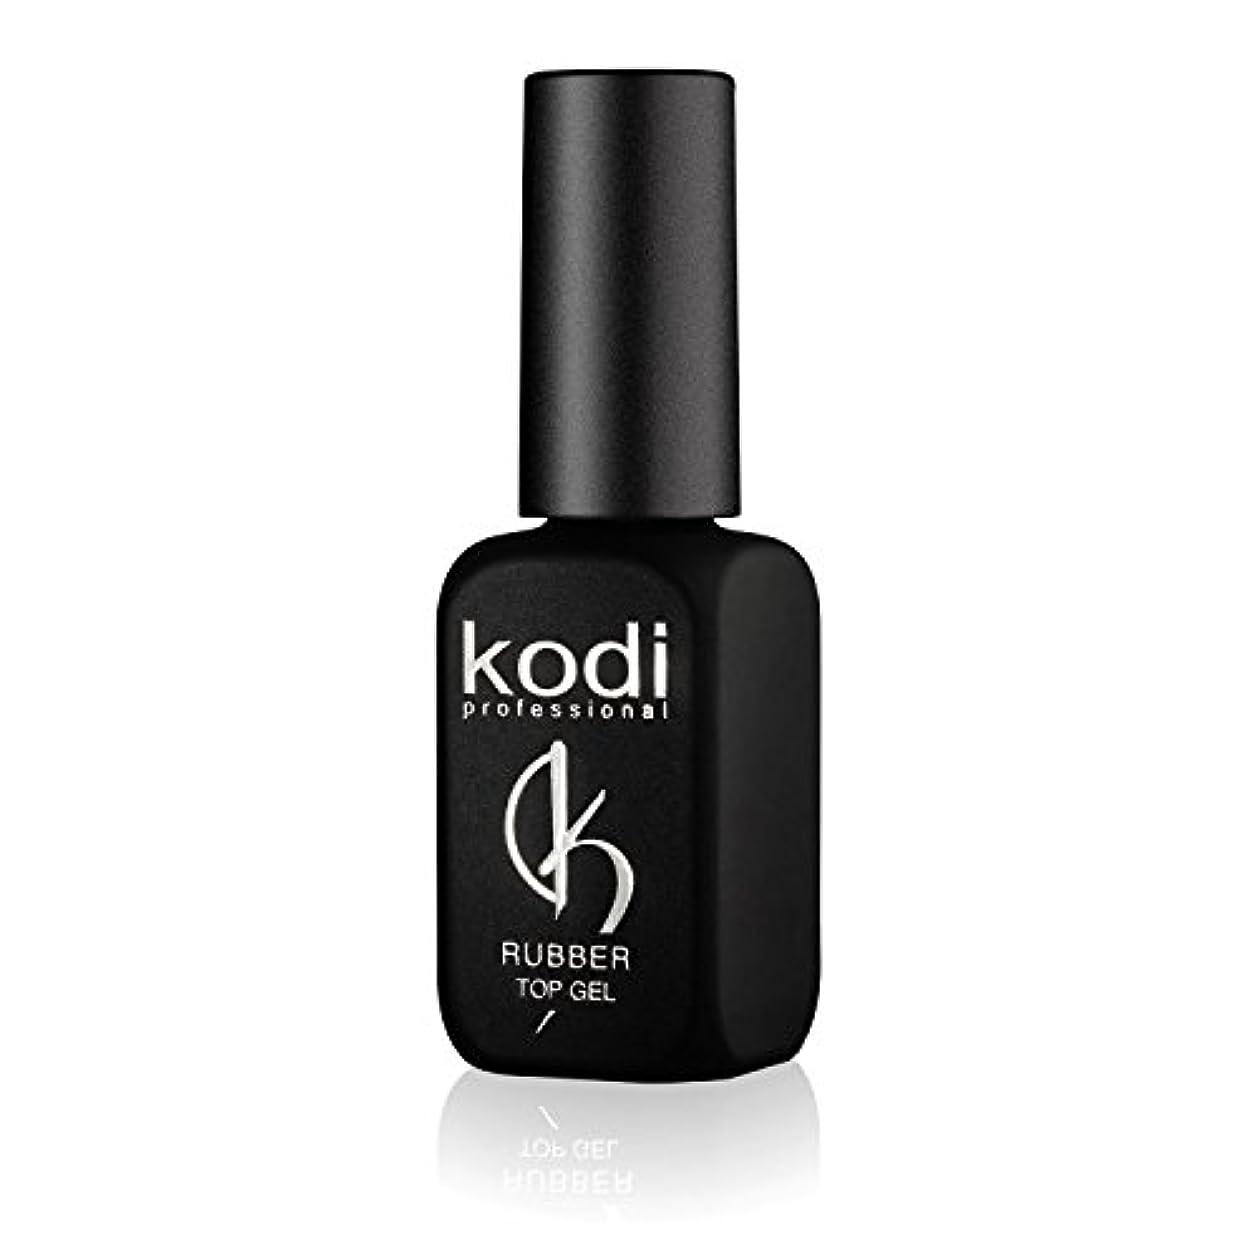 批判する副放散するProfessional Rubber Top Gel By Kodi | 12ml 0.42 oz | Soak Off, Polish Fingernails Coat Gel | For Long Lasting...